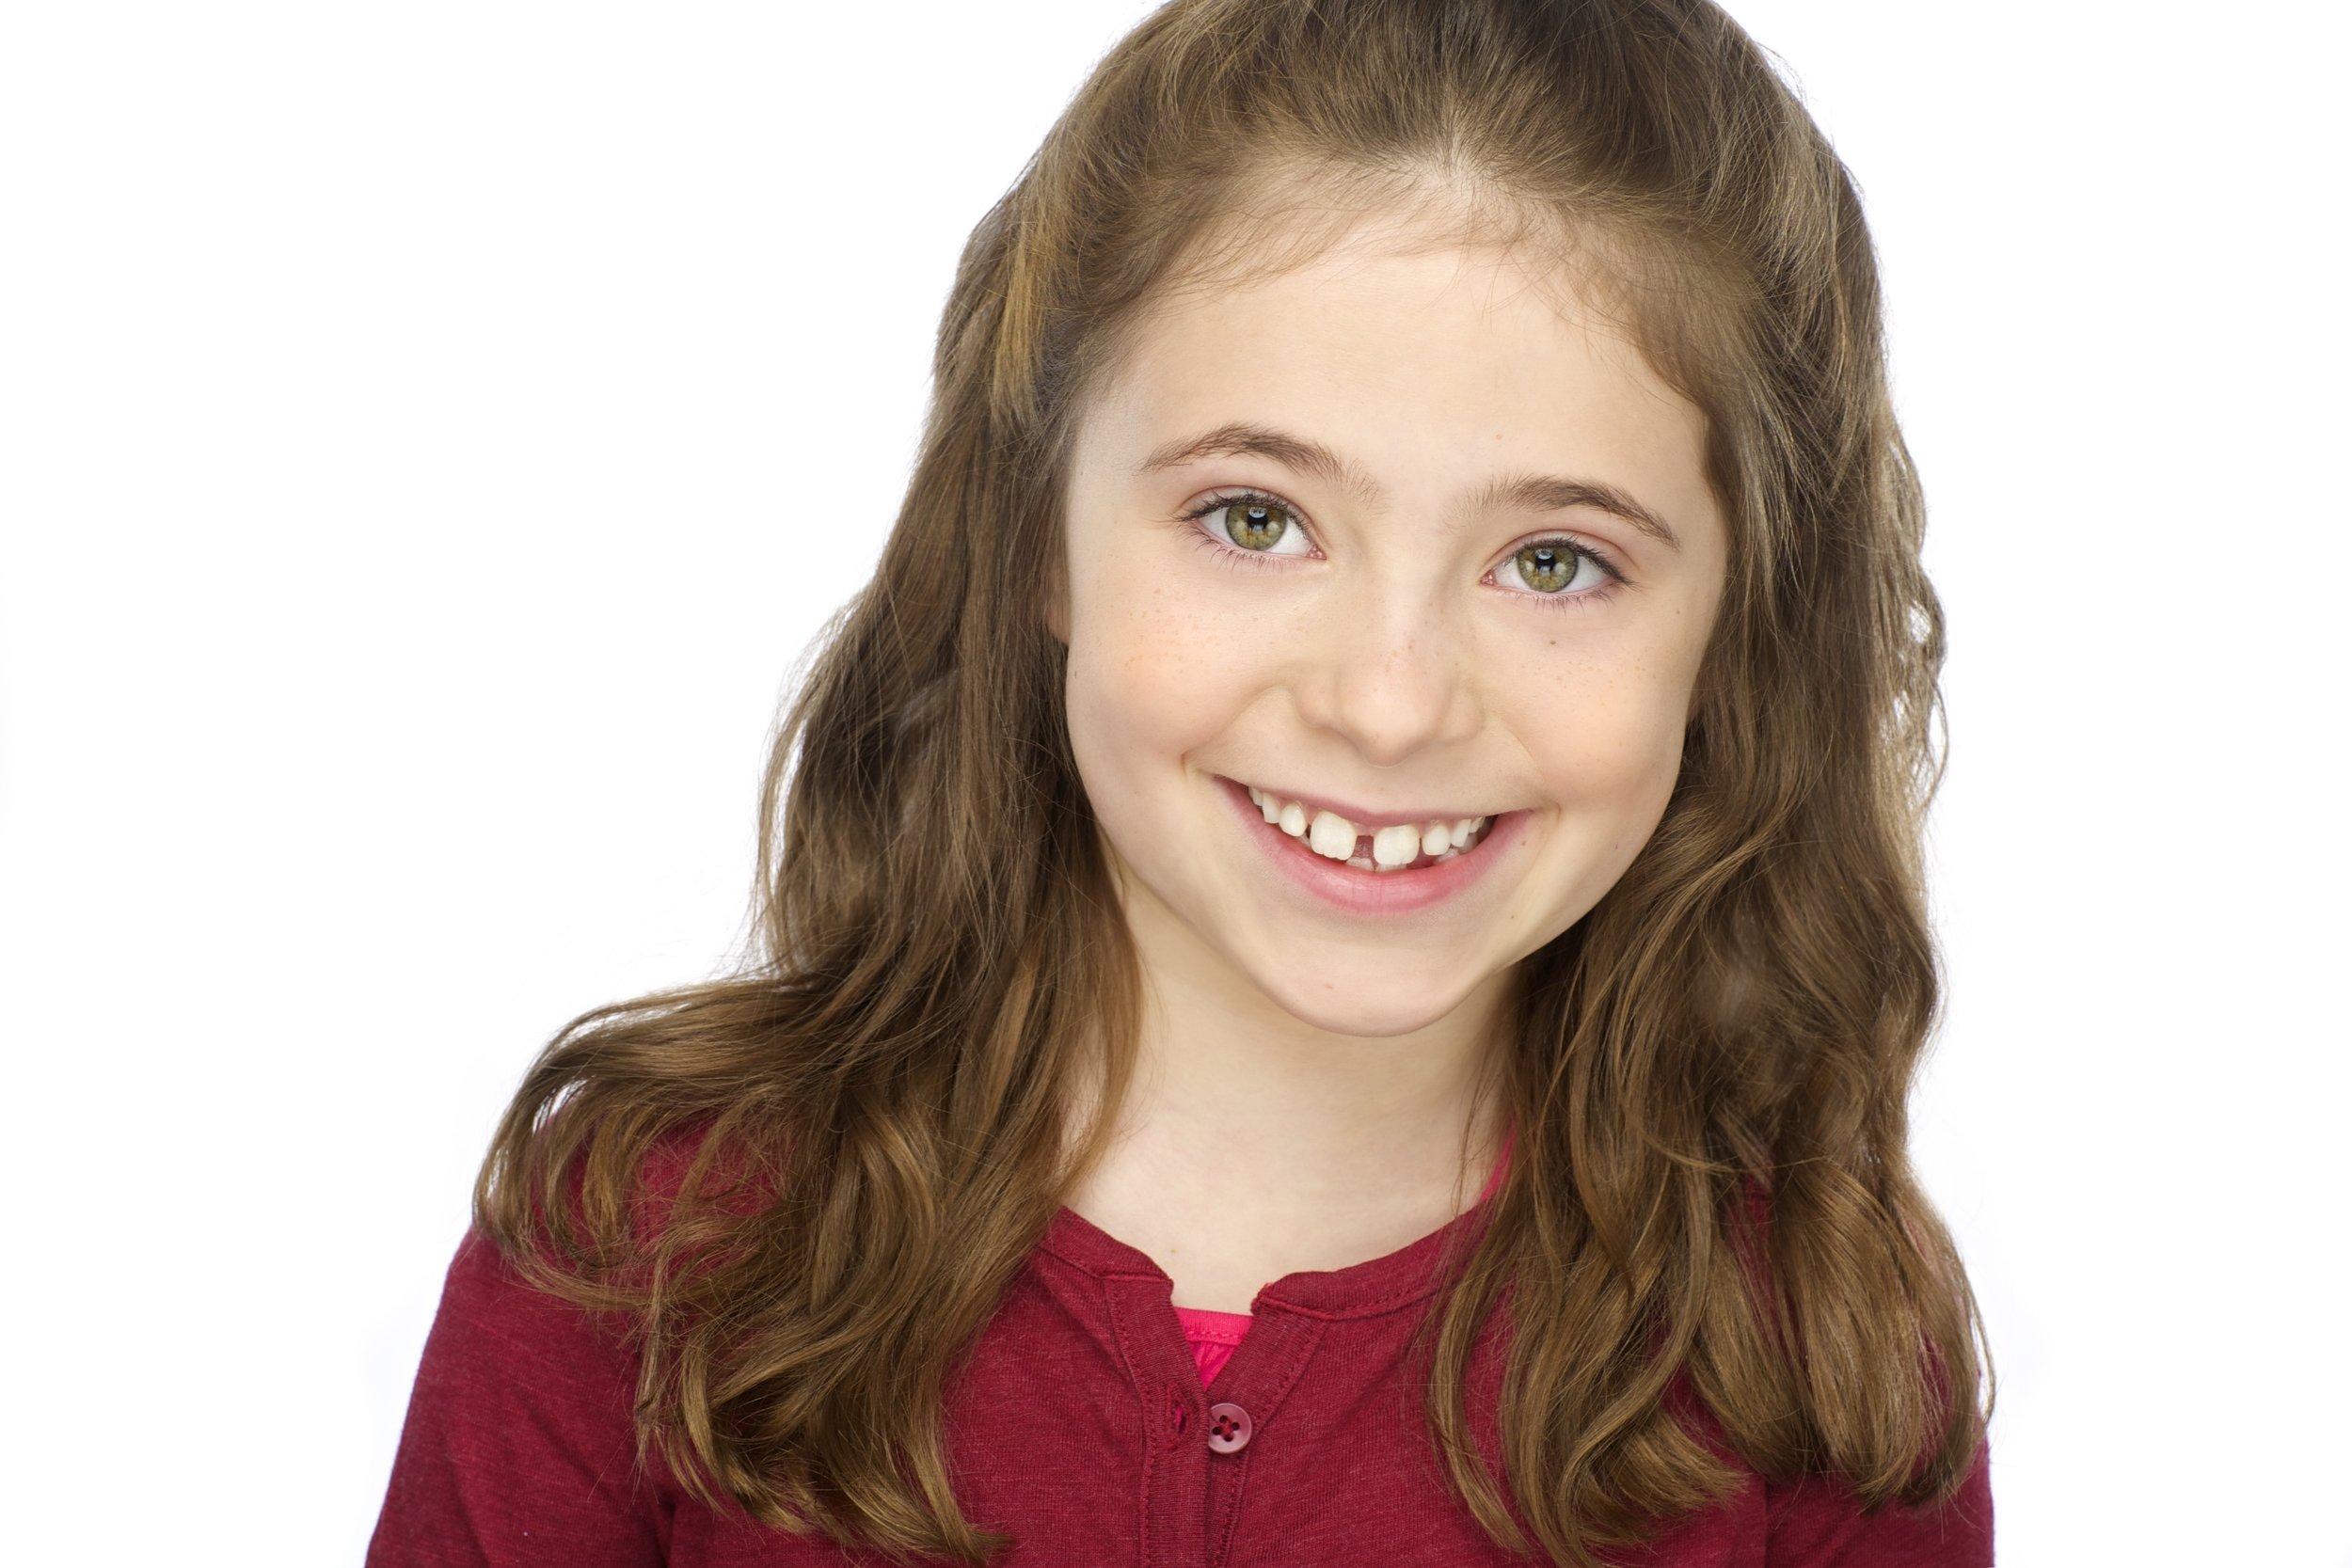 Alyssa Marvin